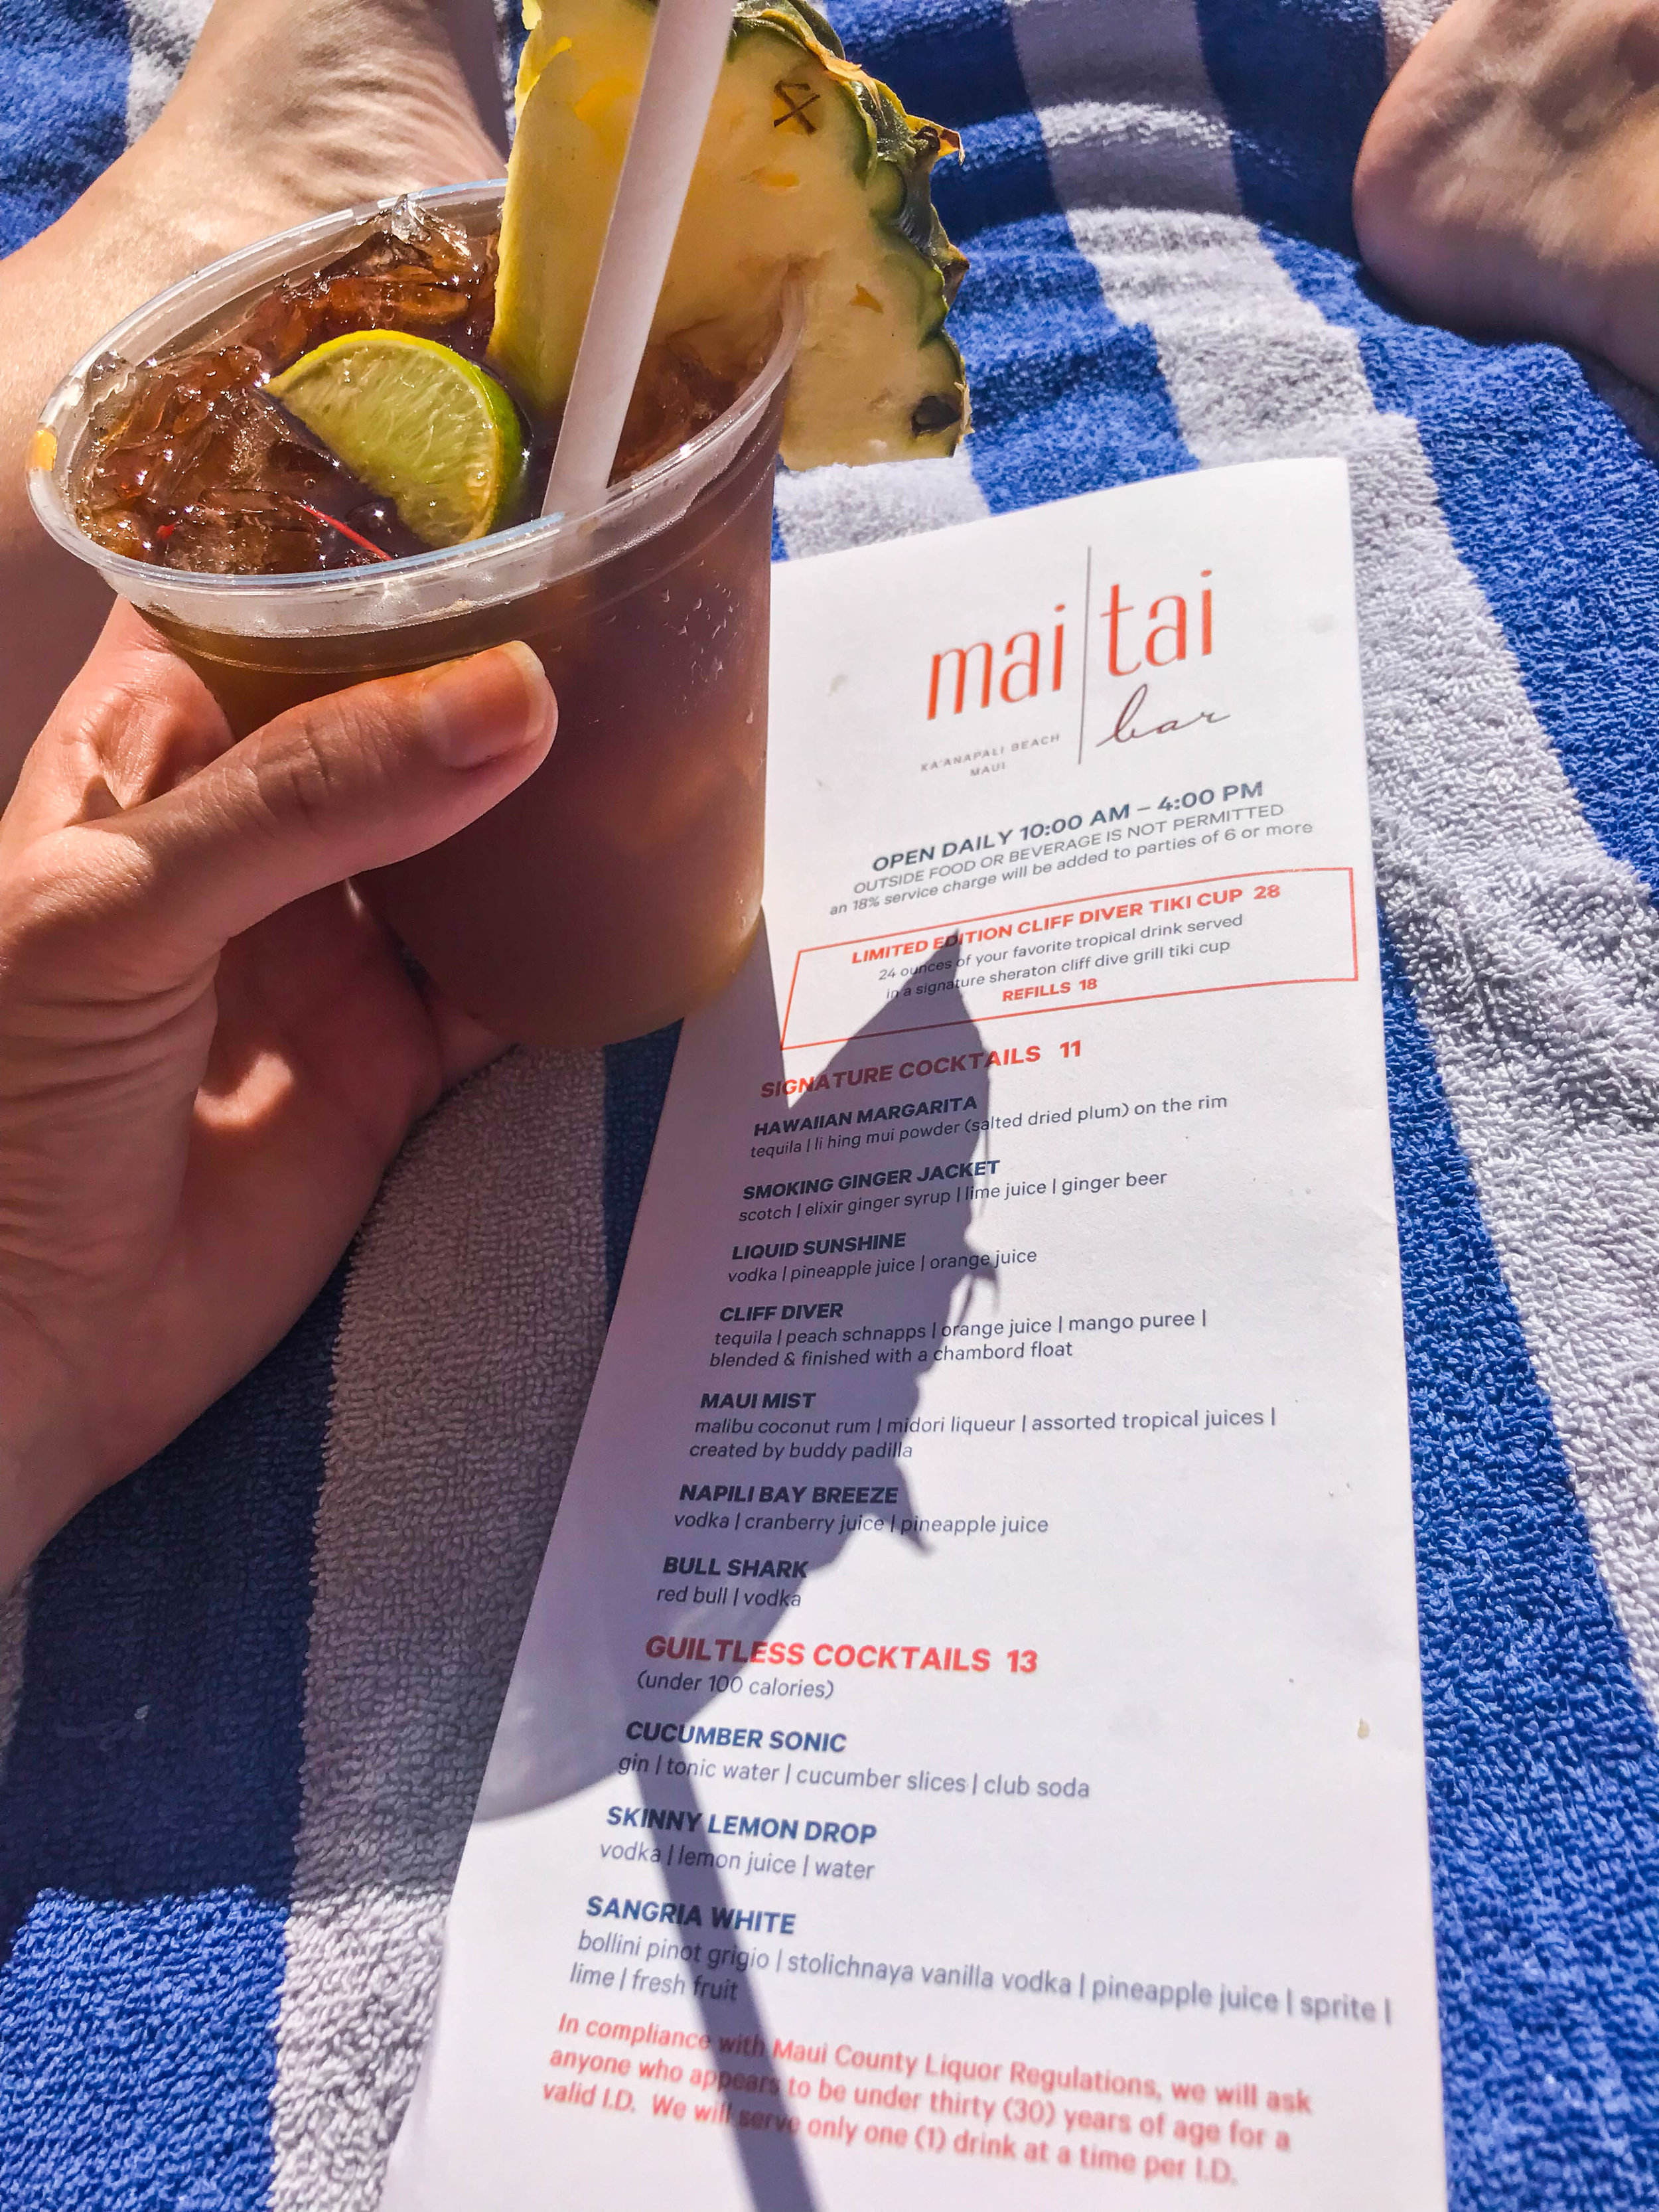 Sheraton Maui - Pool - Mai Tai Bar